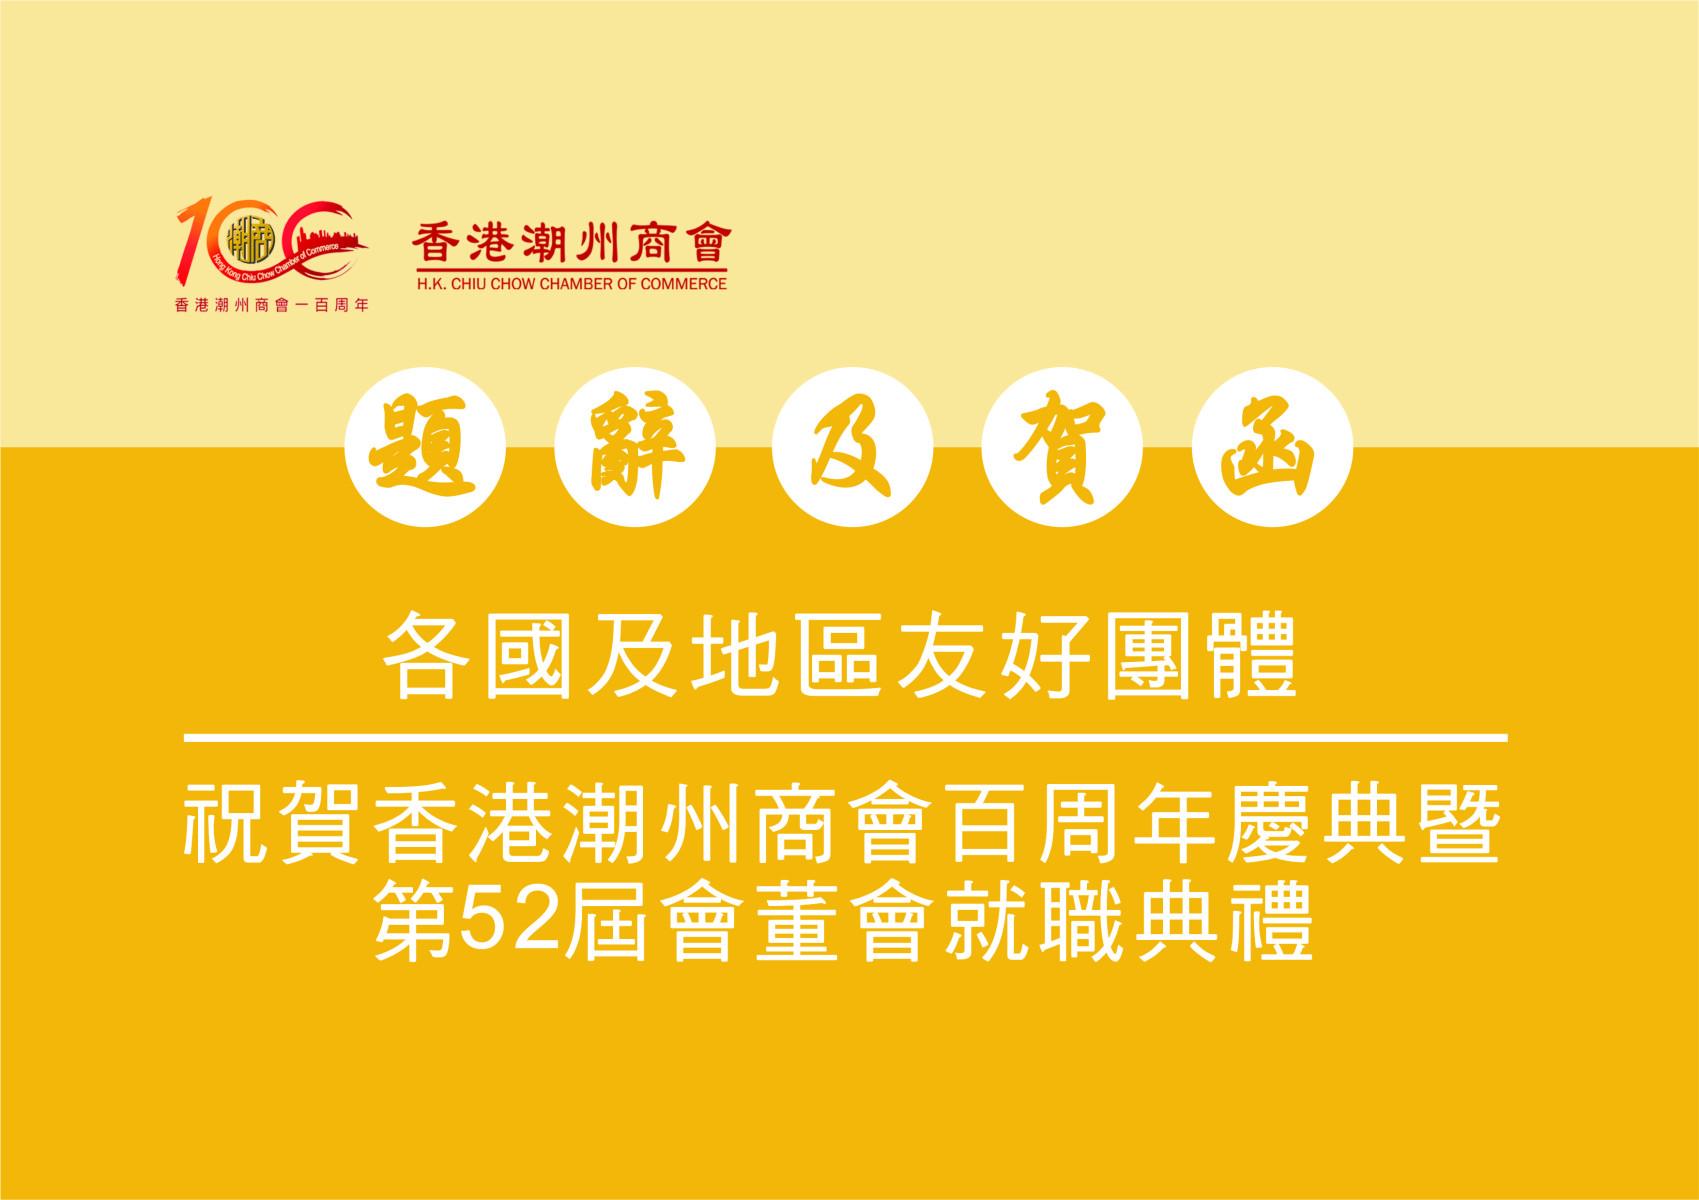 各國及地區友好祝賀香港潮州商會百周年慶典視像